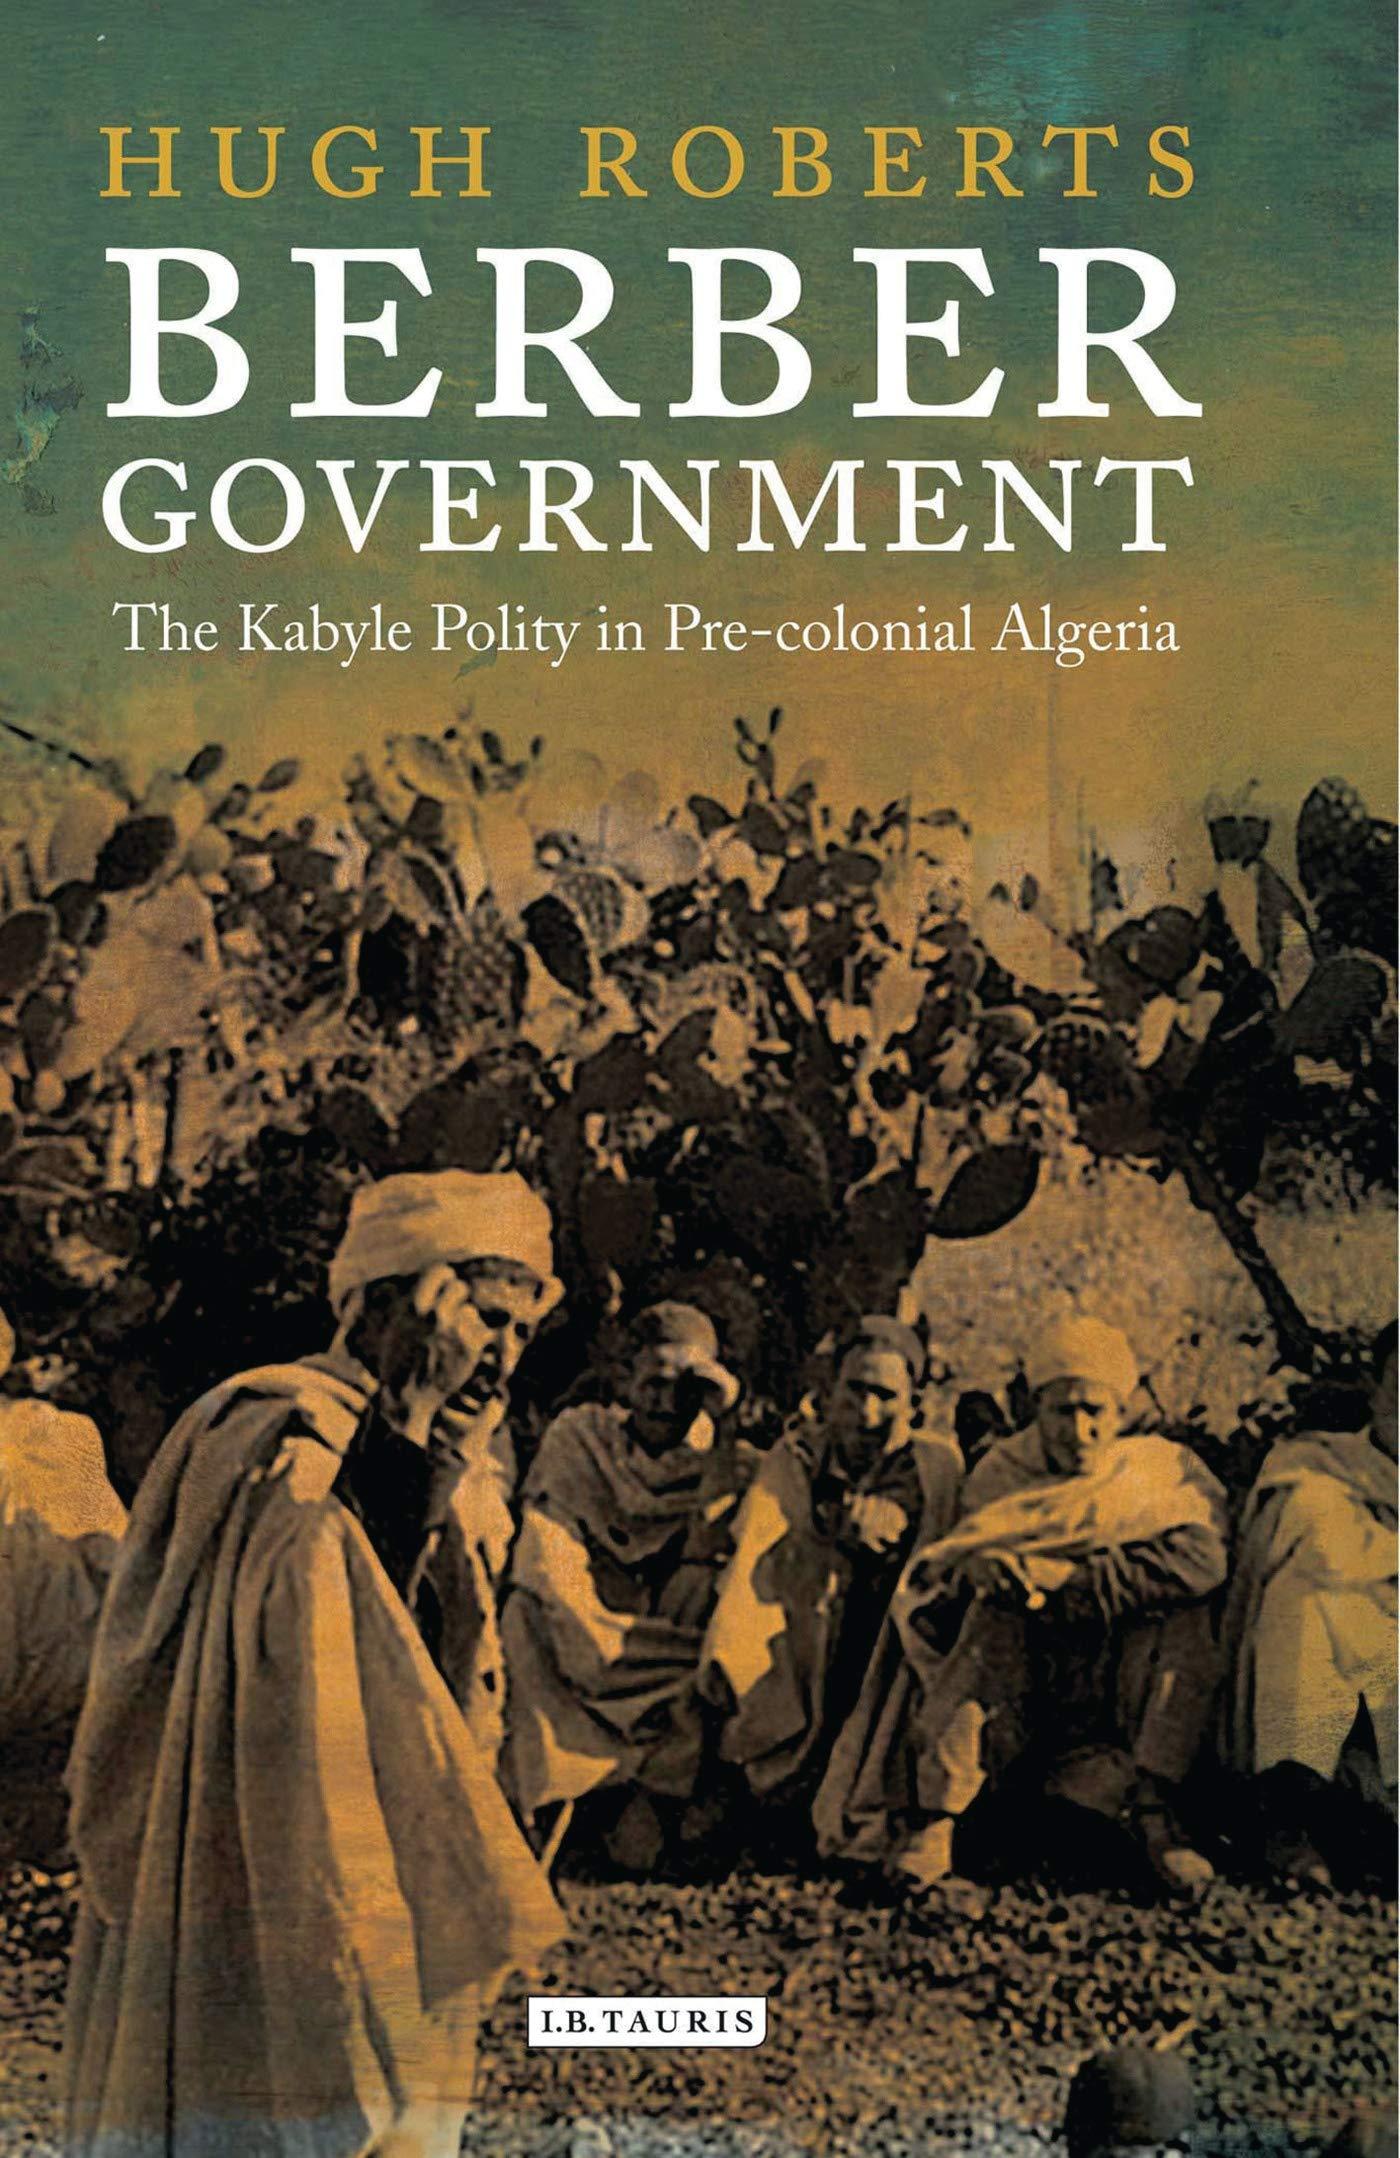 """Résultat de recherche d'images pour """"Berber Government: The Kabyle Polity in Pre-Colonial Algeria - Hugh Roberts"""""""